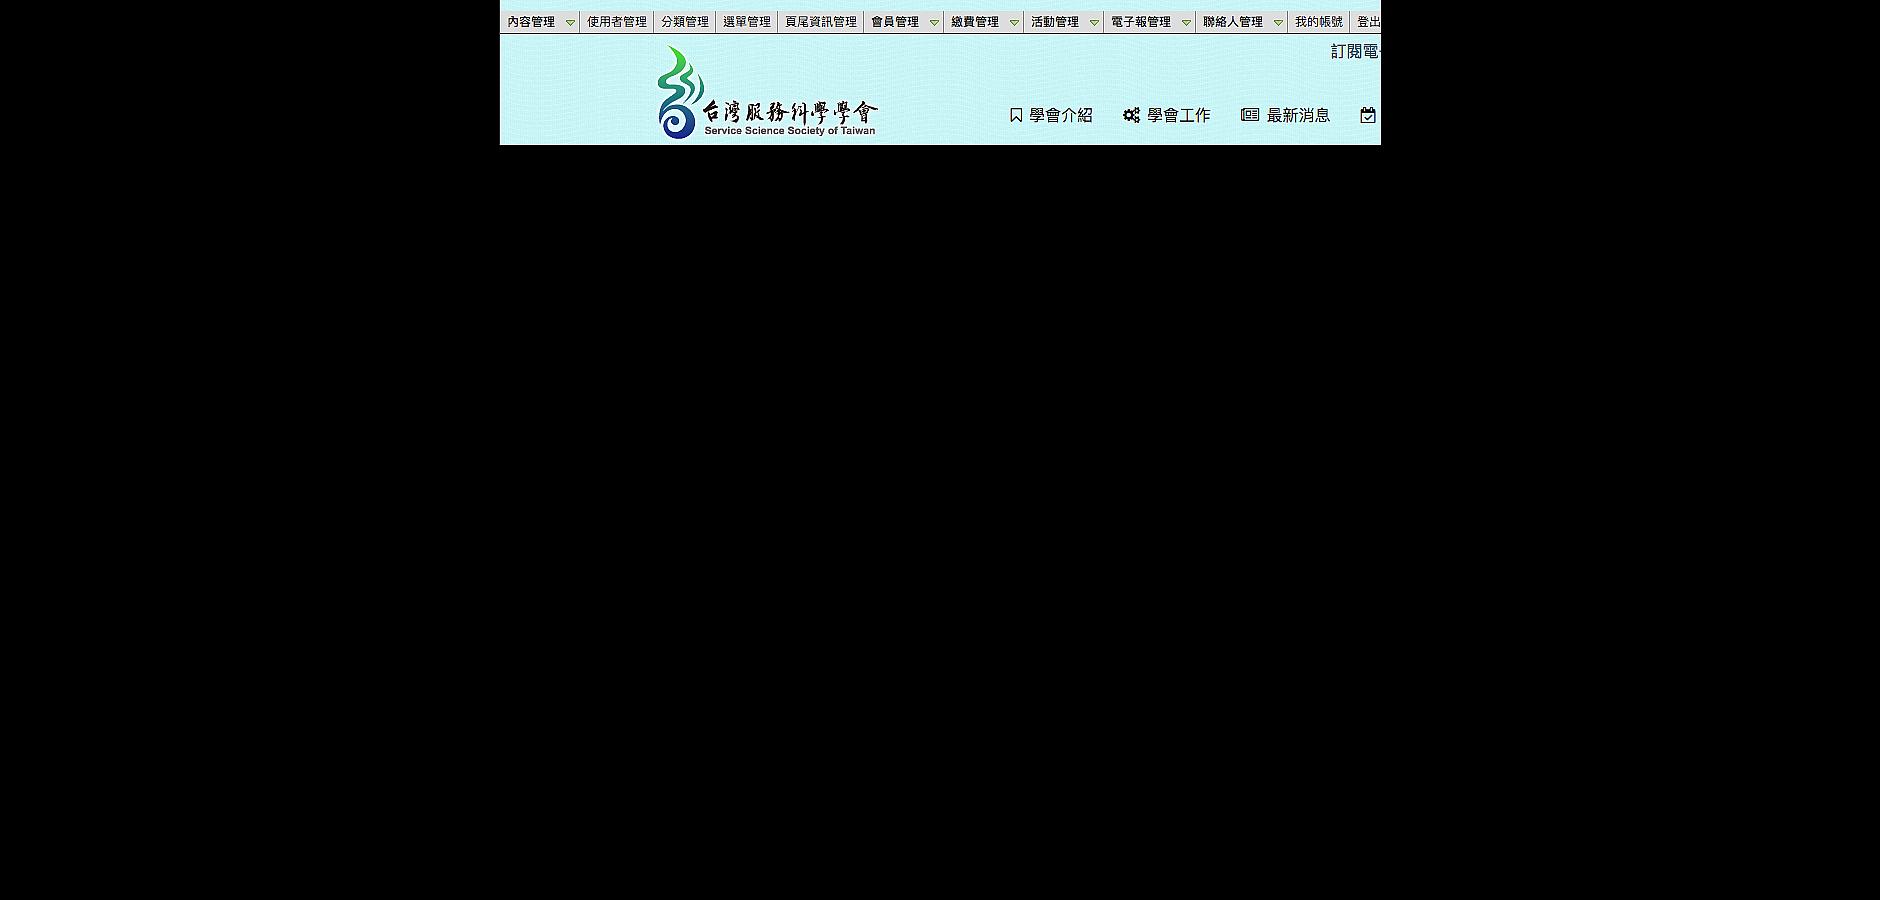 台灣服務科學學會 - 管理選單